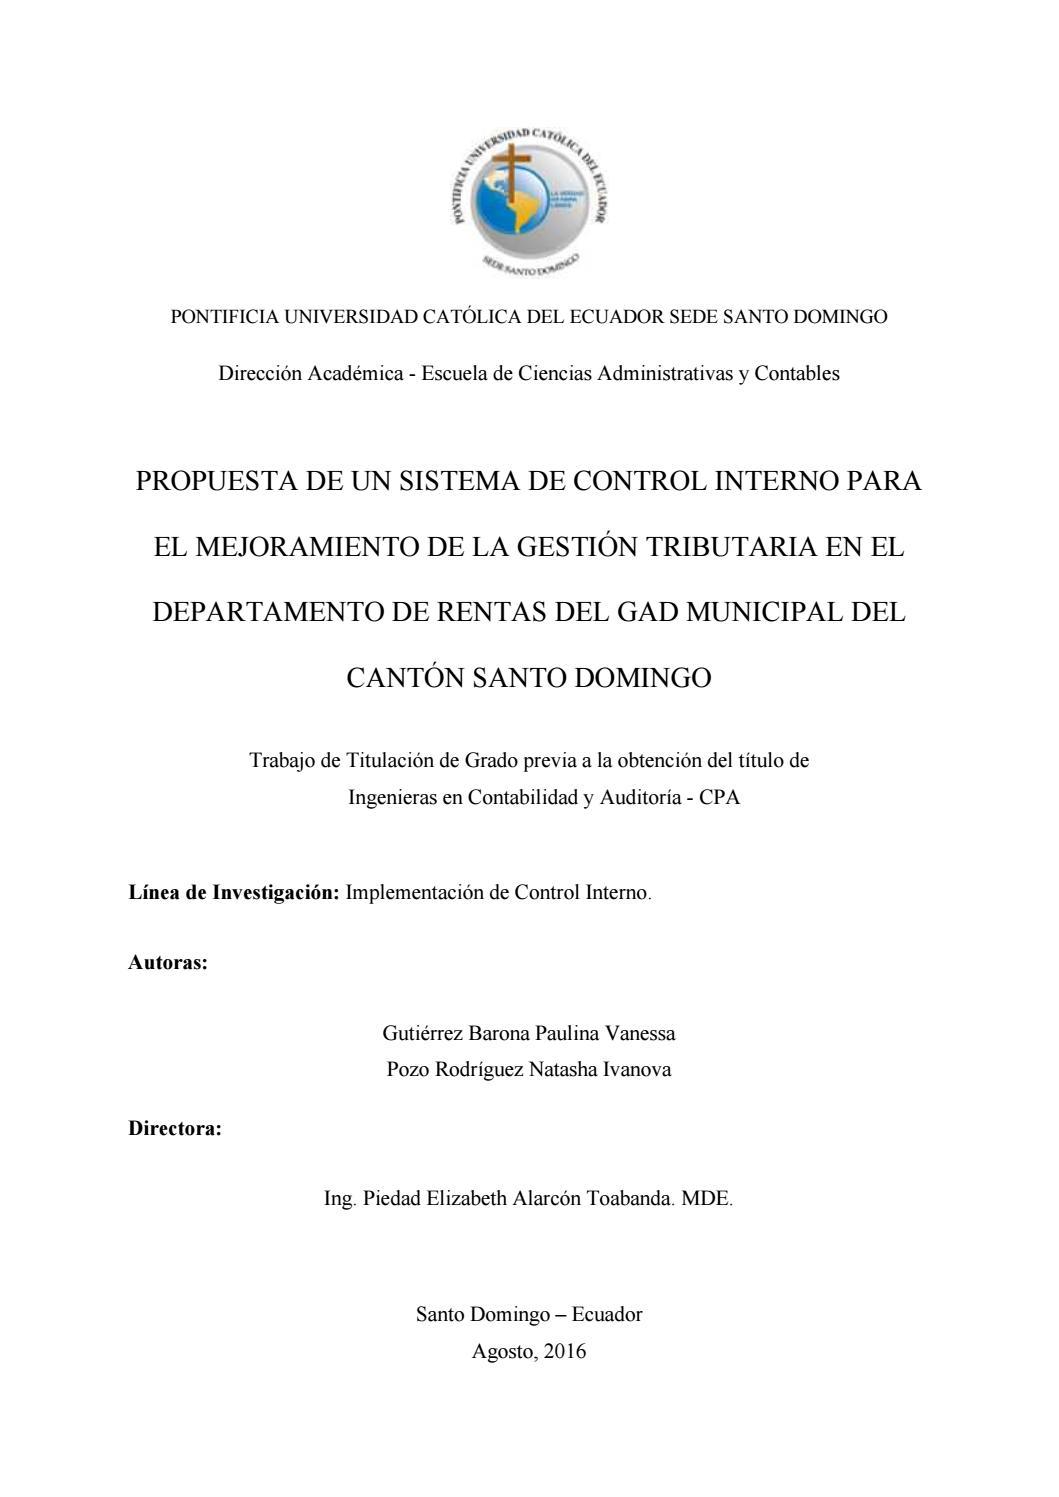 Propuesta de un sistema de control interno para el mejoramiento de ...